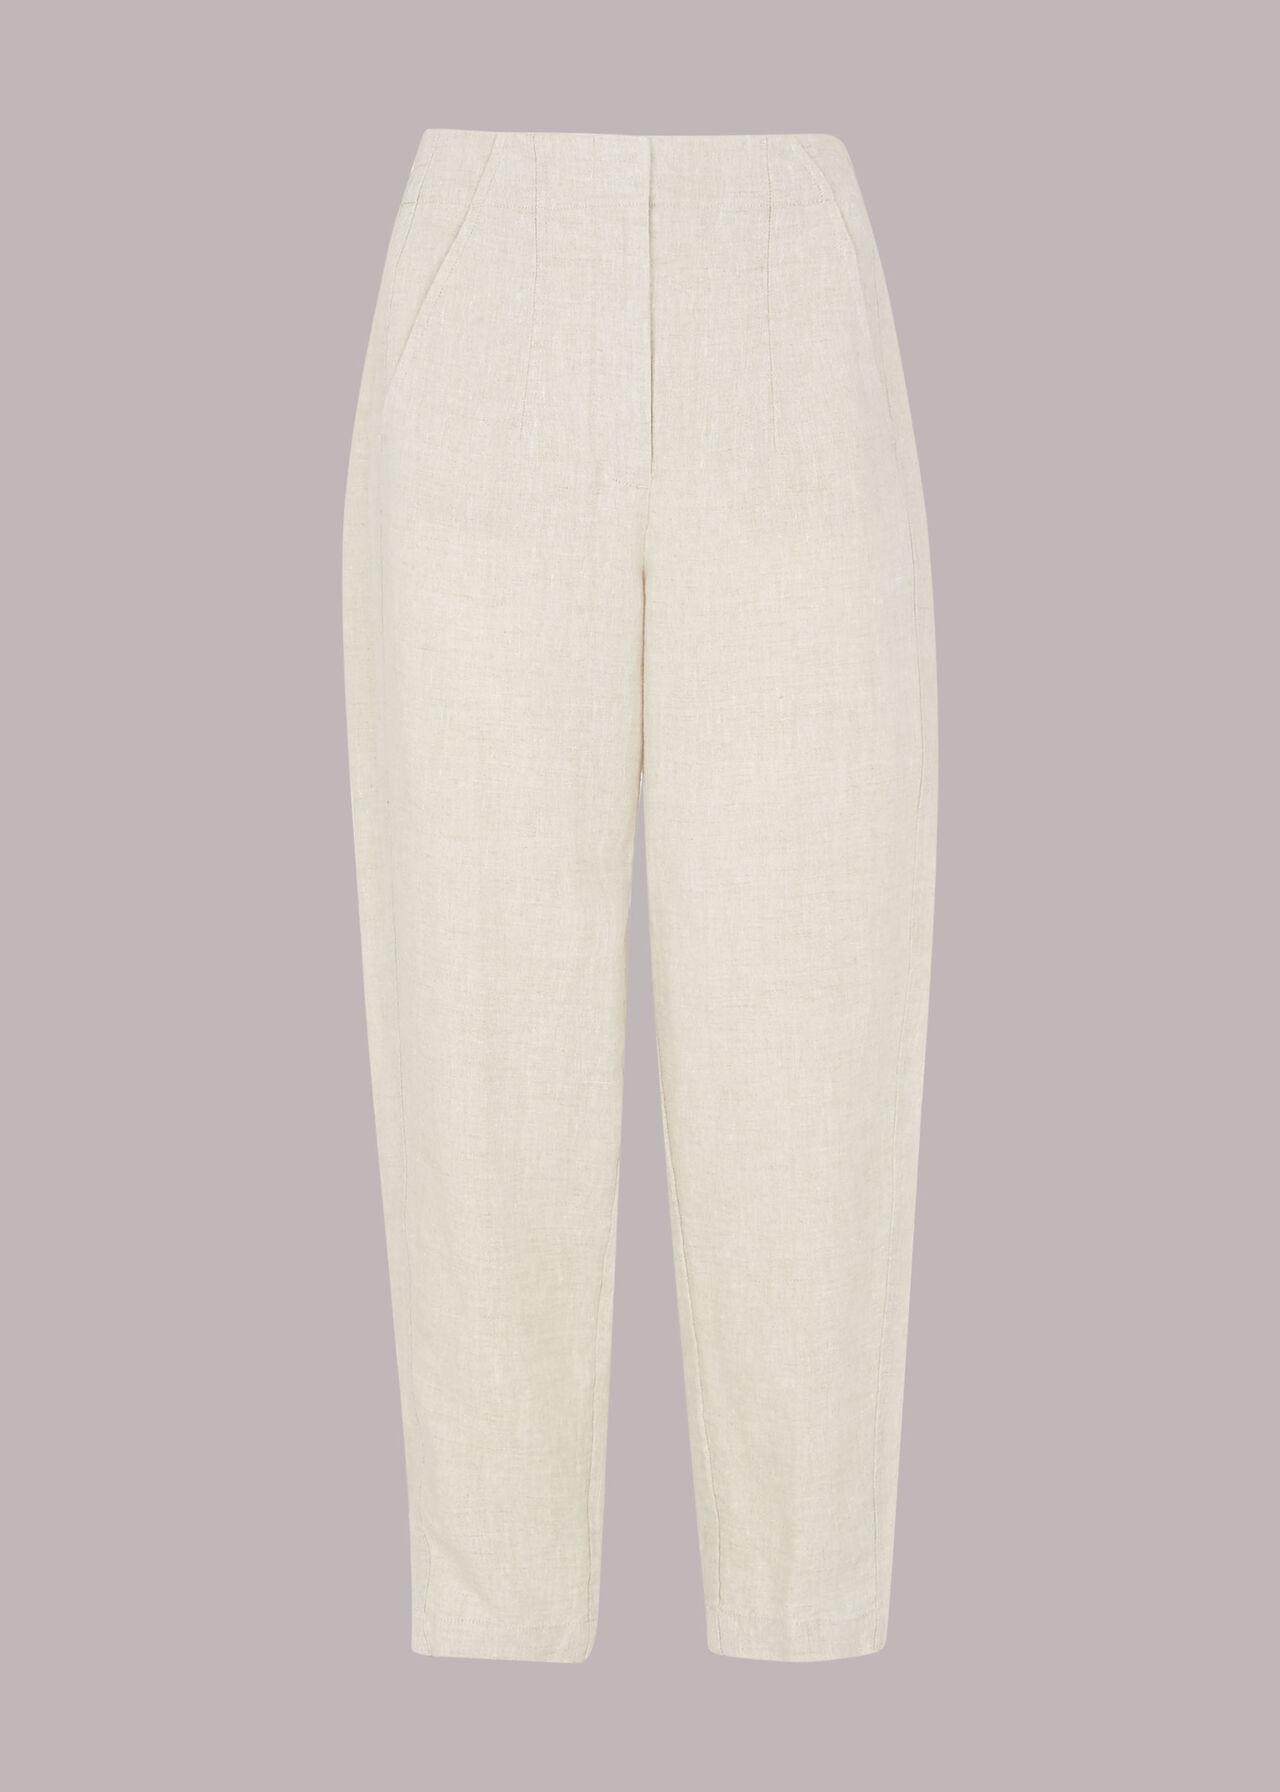 Linen Barrel Leg Trouser